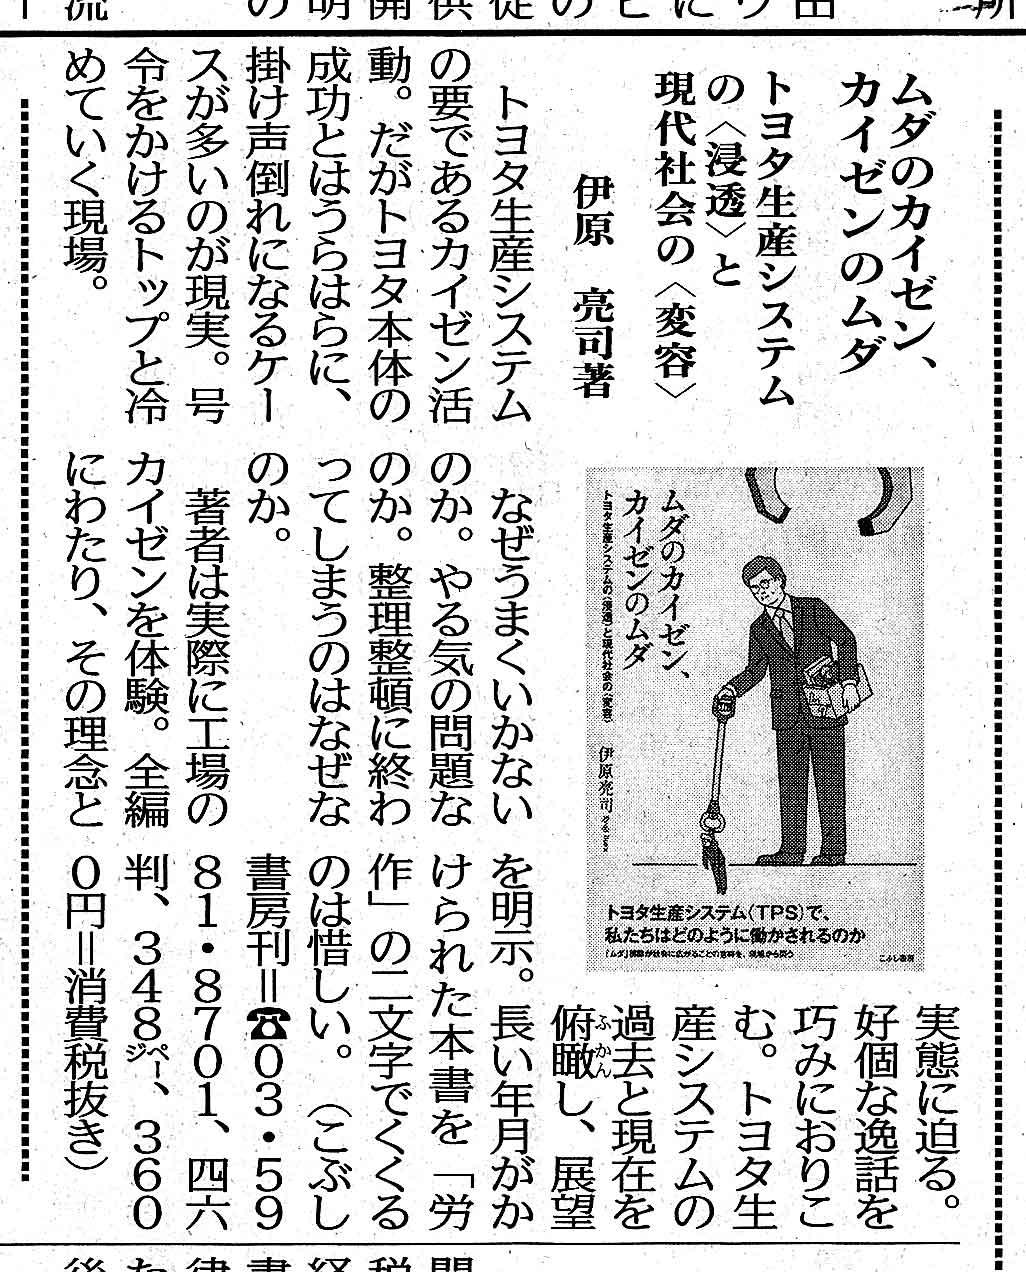 日刊工業新聞20170825